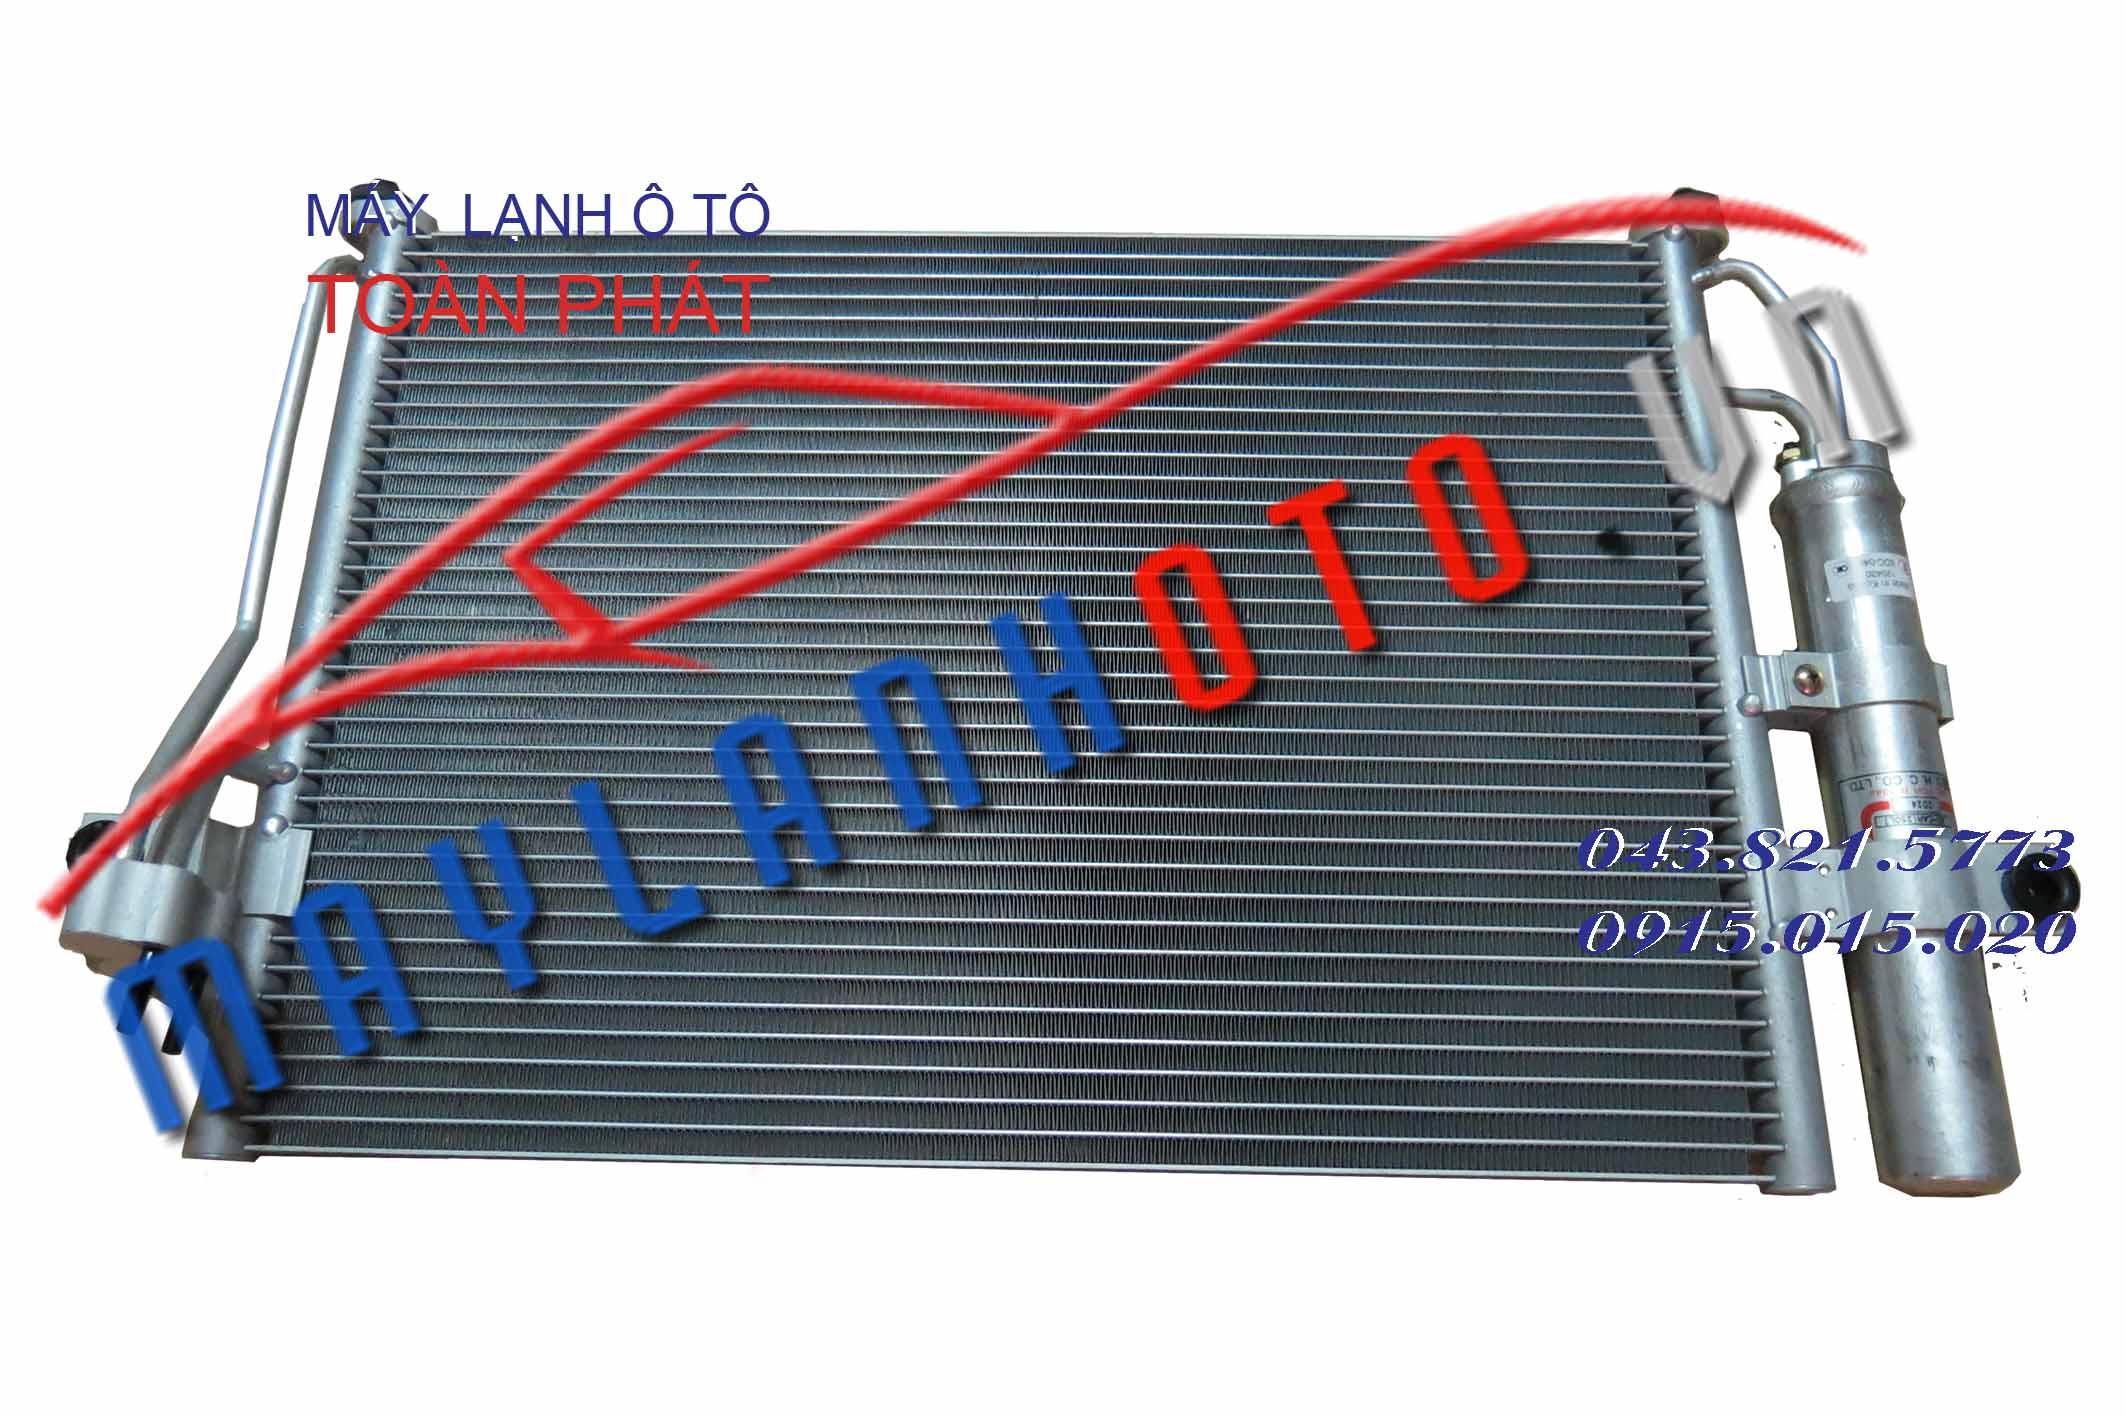 Getz (phin rời) / Giàn nóng điều hòa Hyundai Getz / Dàn nóng điều hòa Hyundai Getz